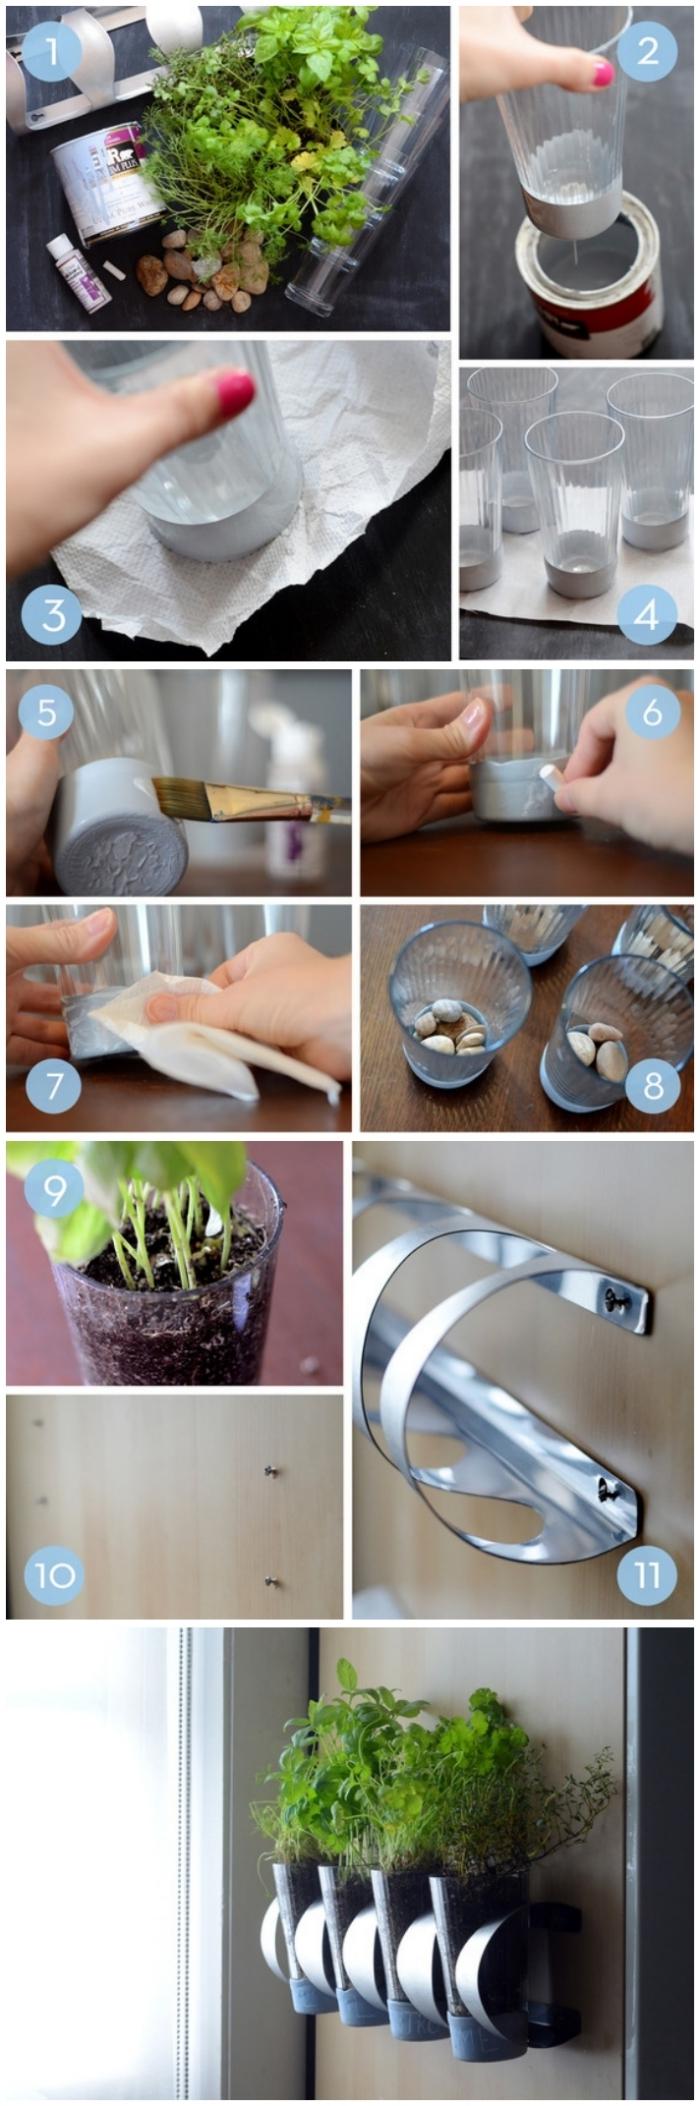 une jardinière suspendue avec des herbes aromatiques réalisée à l'aide d'un support métalliques et des verres